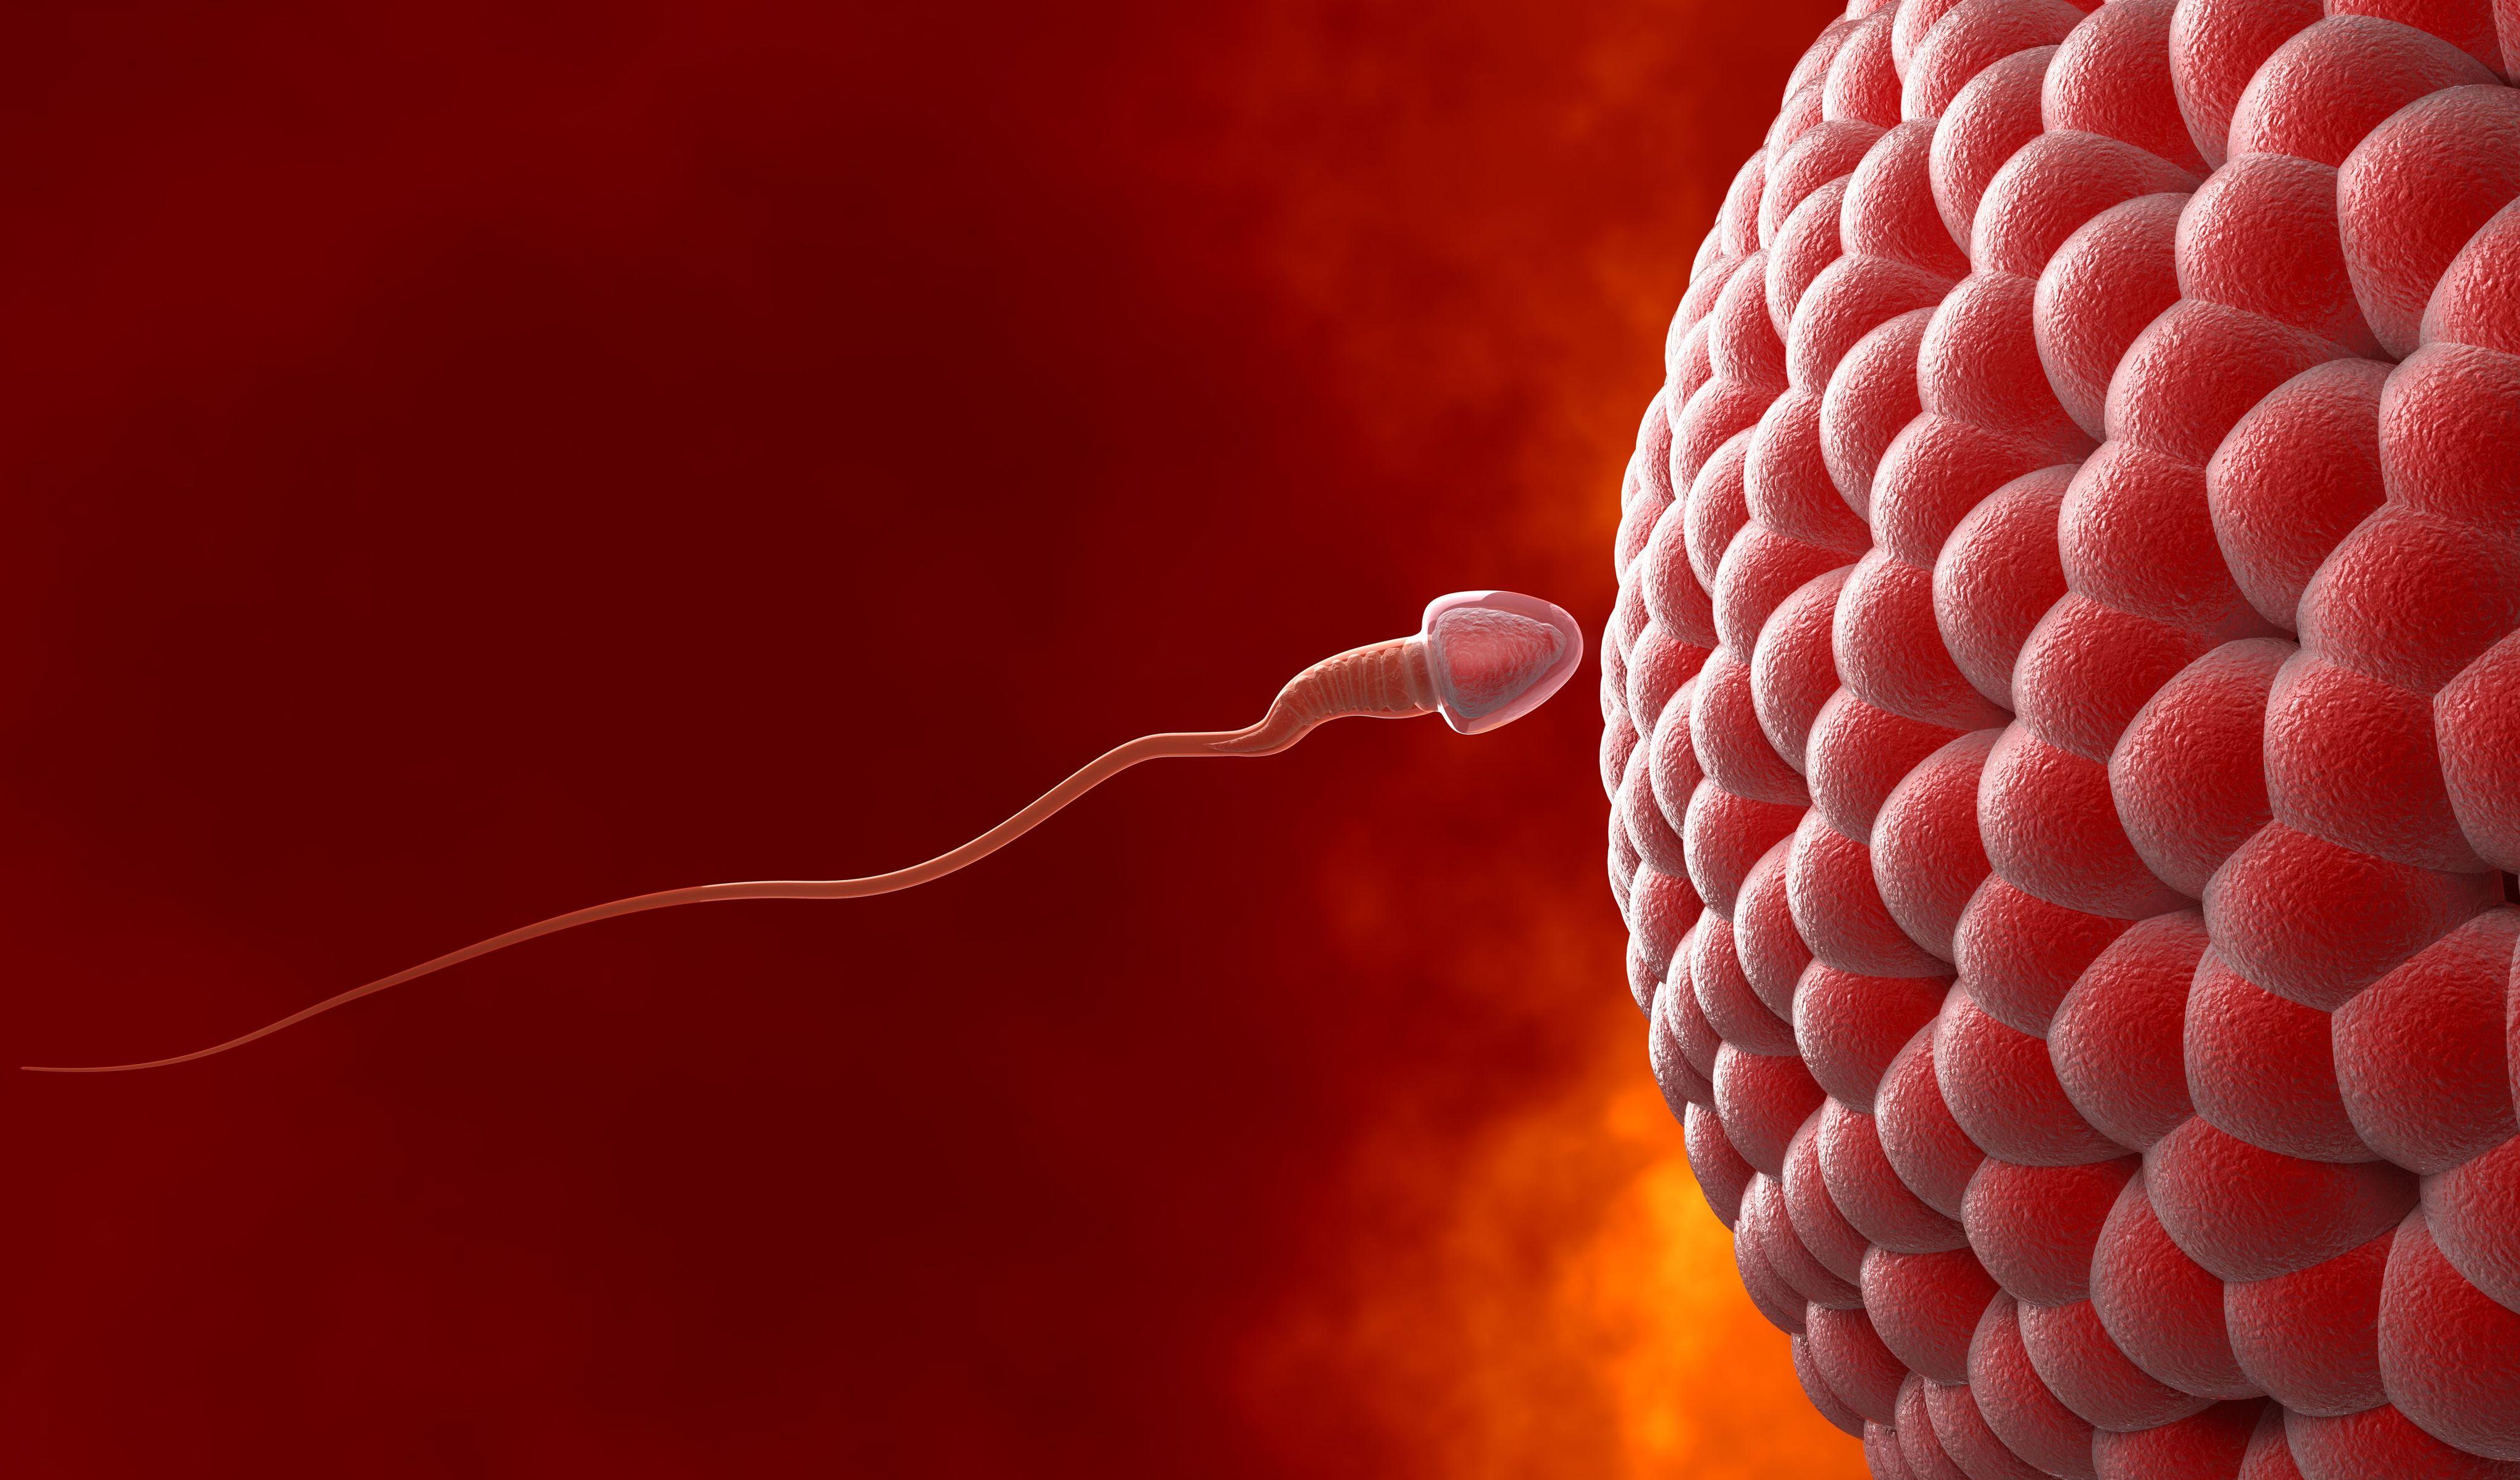 chto-neset-v-sebe-spermatozoid